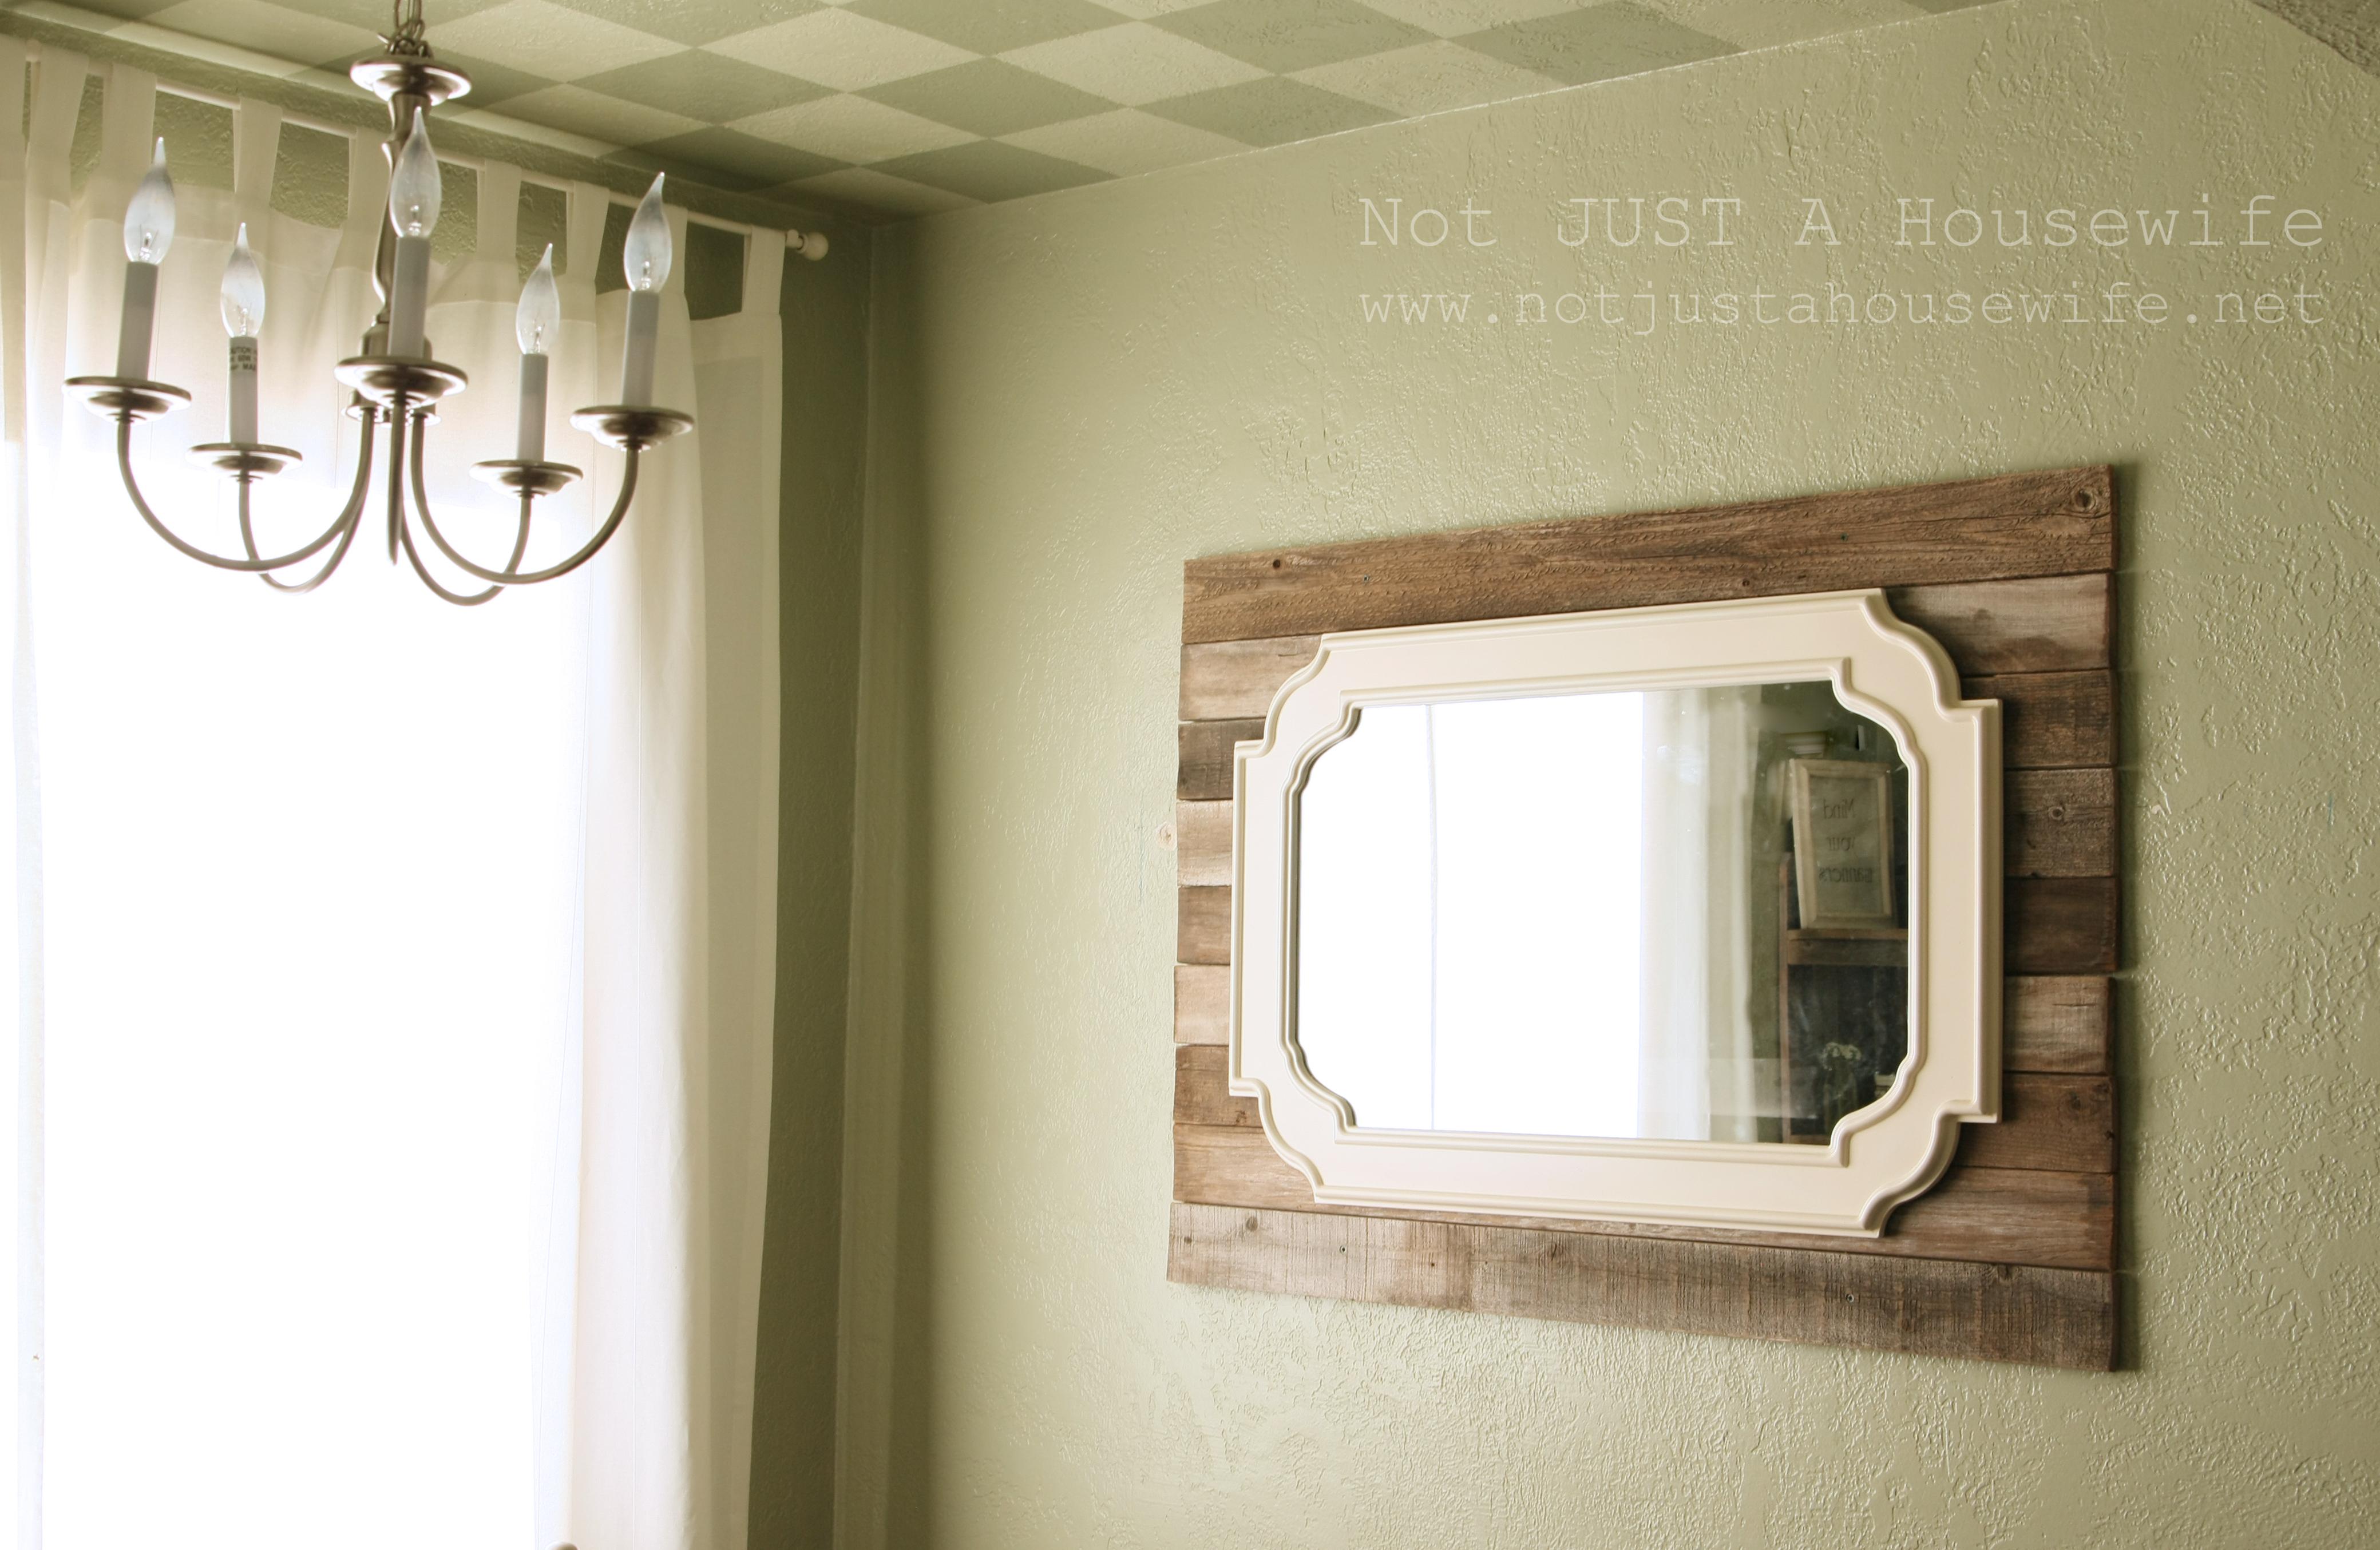 dining room mirror edited 1